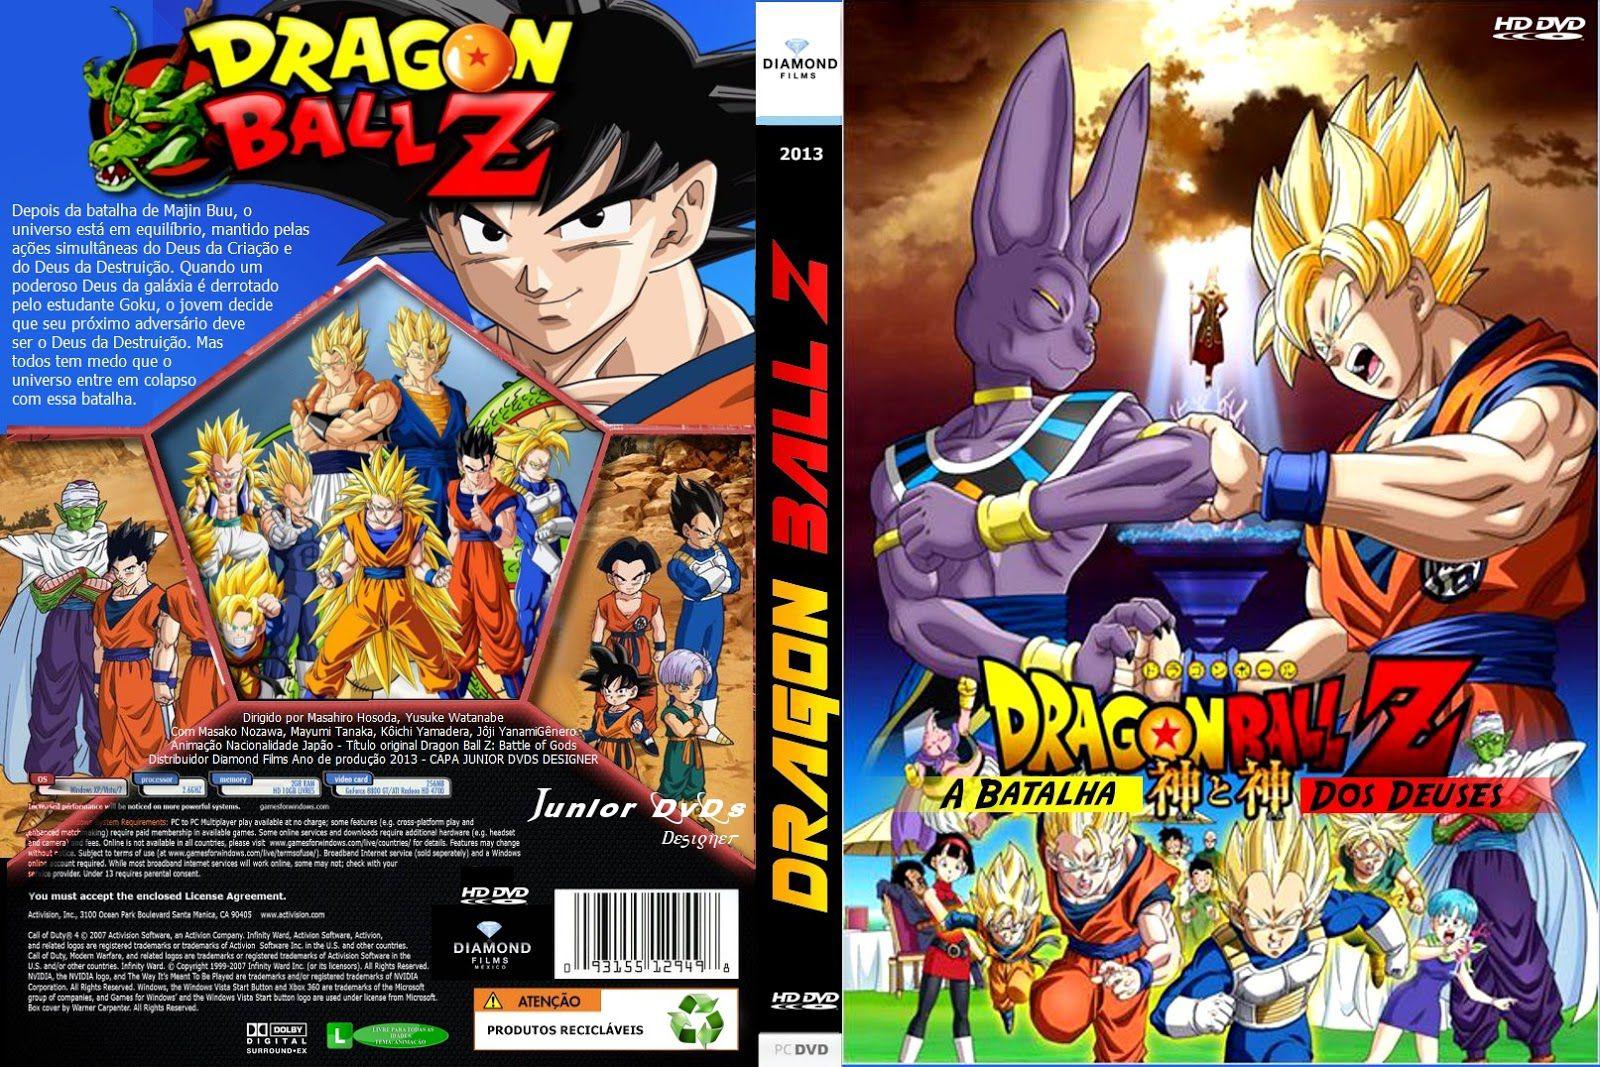 Capa DVD Dragon Ball Z A Batalha Dos Deuses